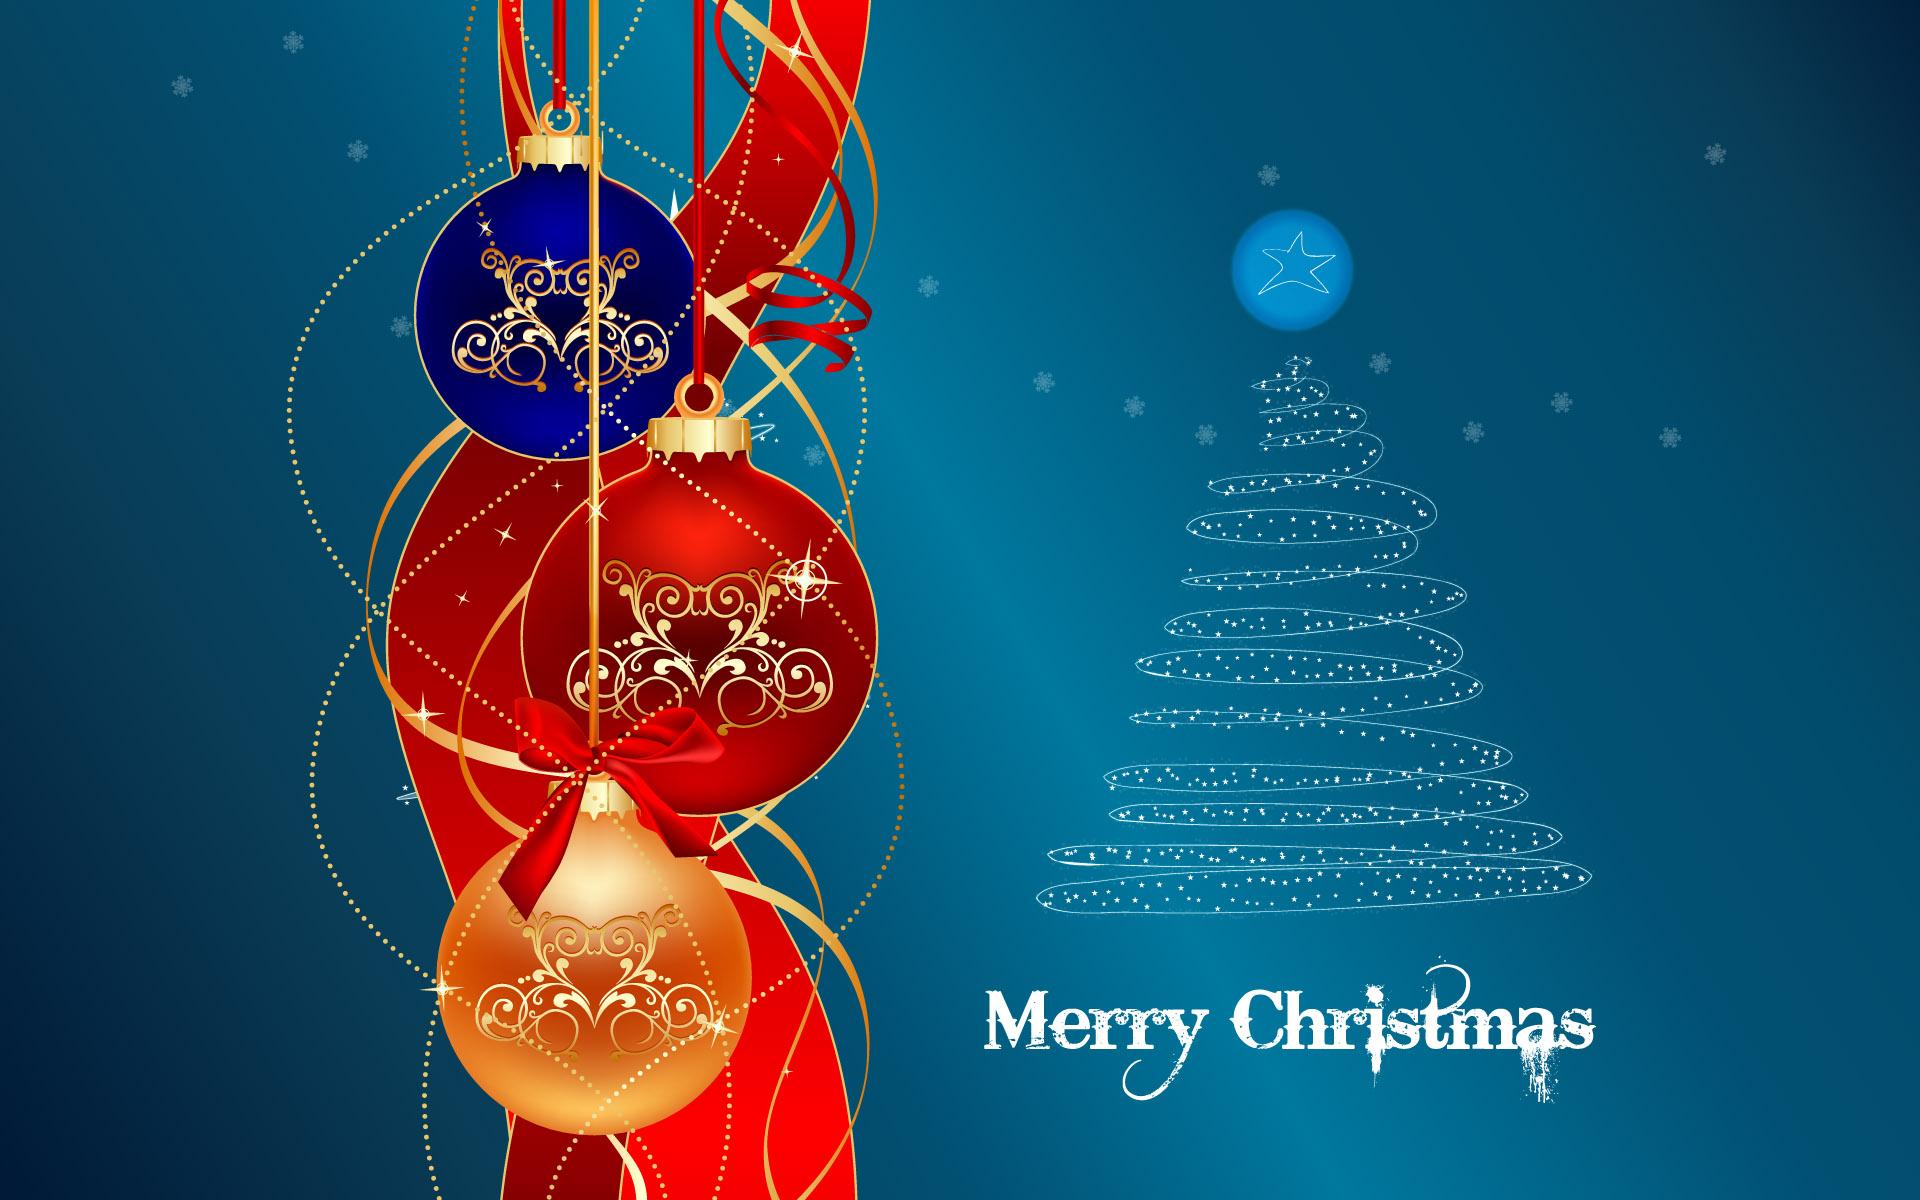 Holiday - Christmas  Merry Christmas Christmas Tree Christmas Ornaments Wallpaper